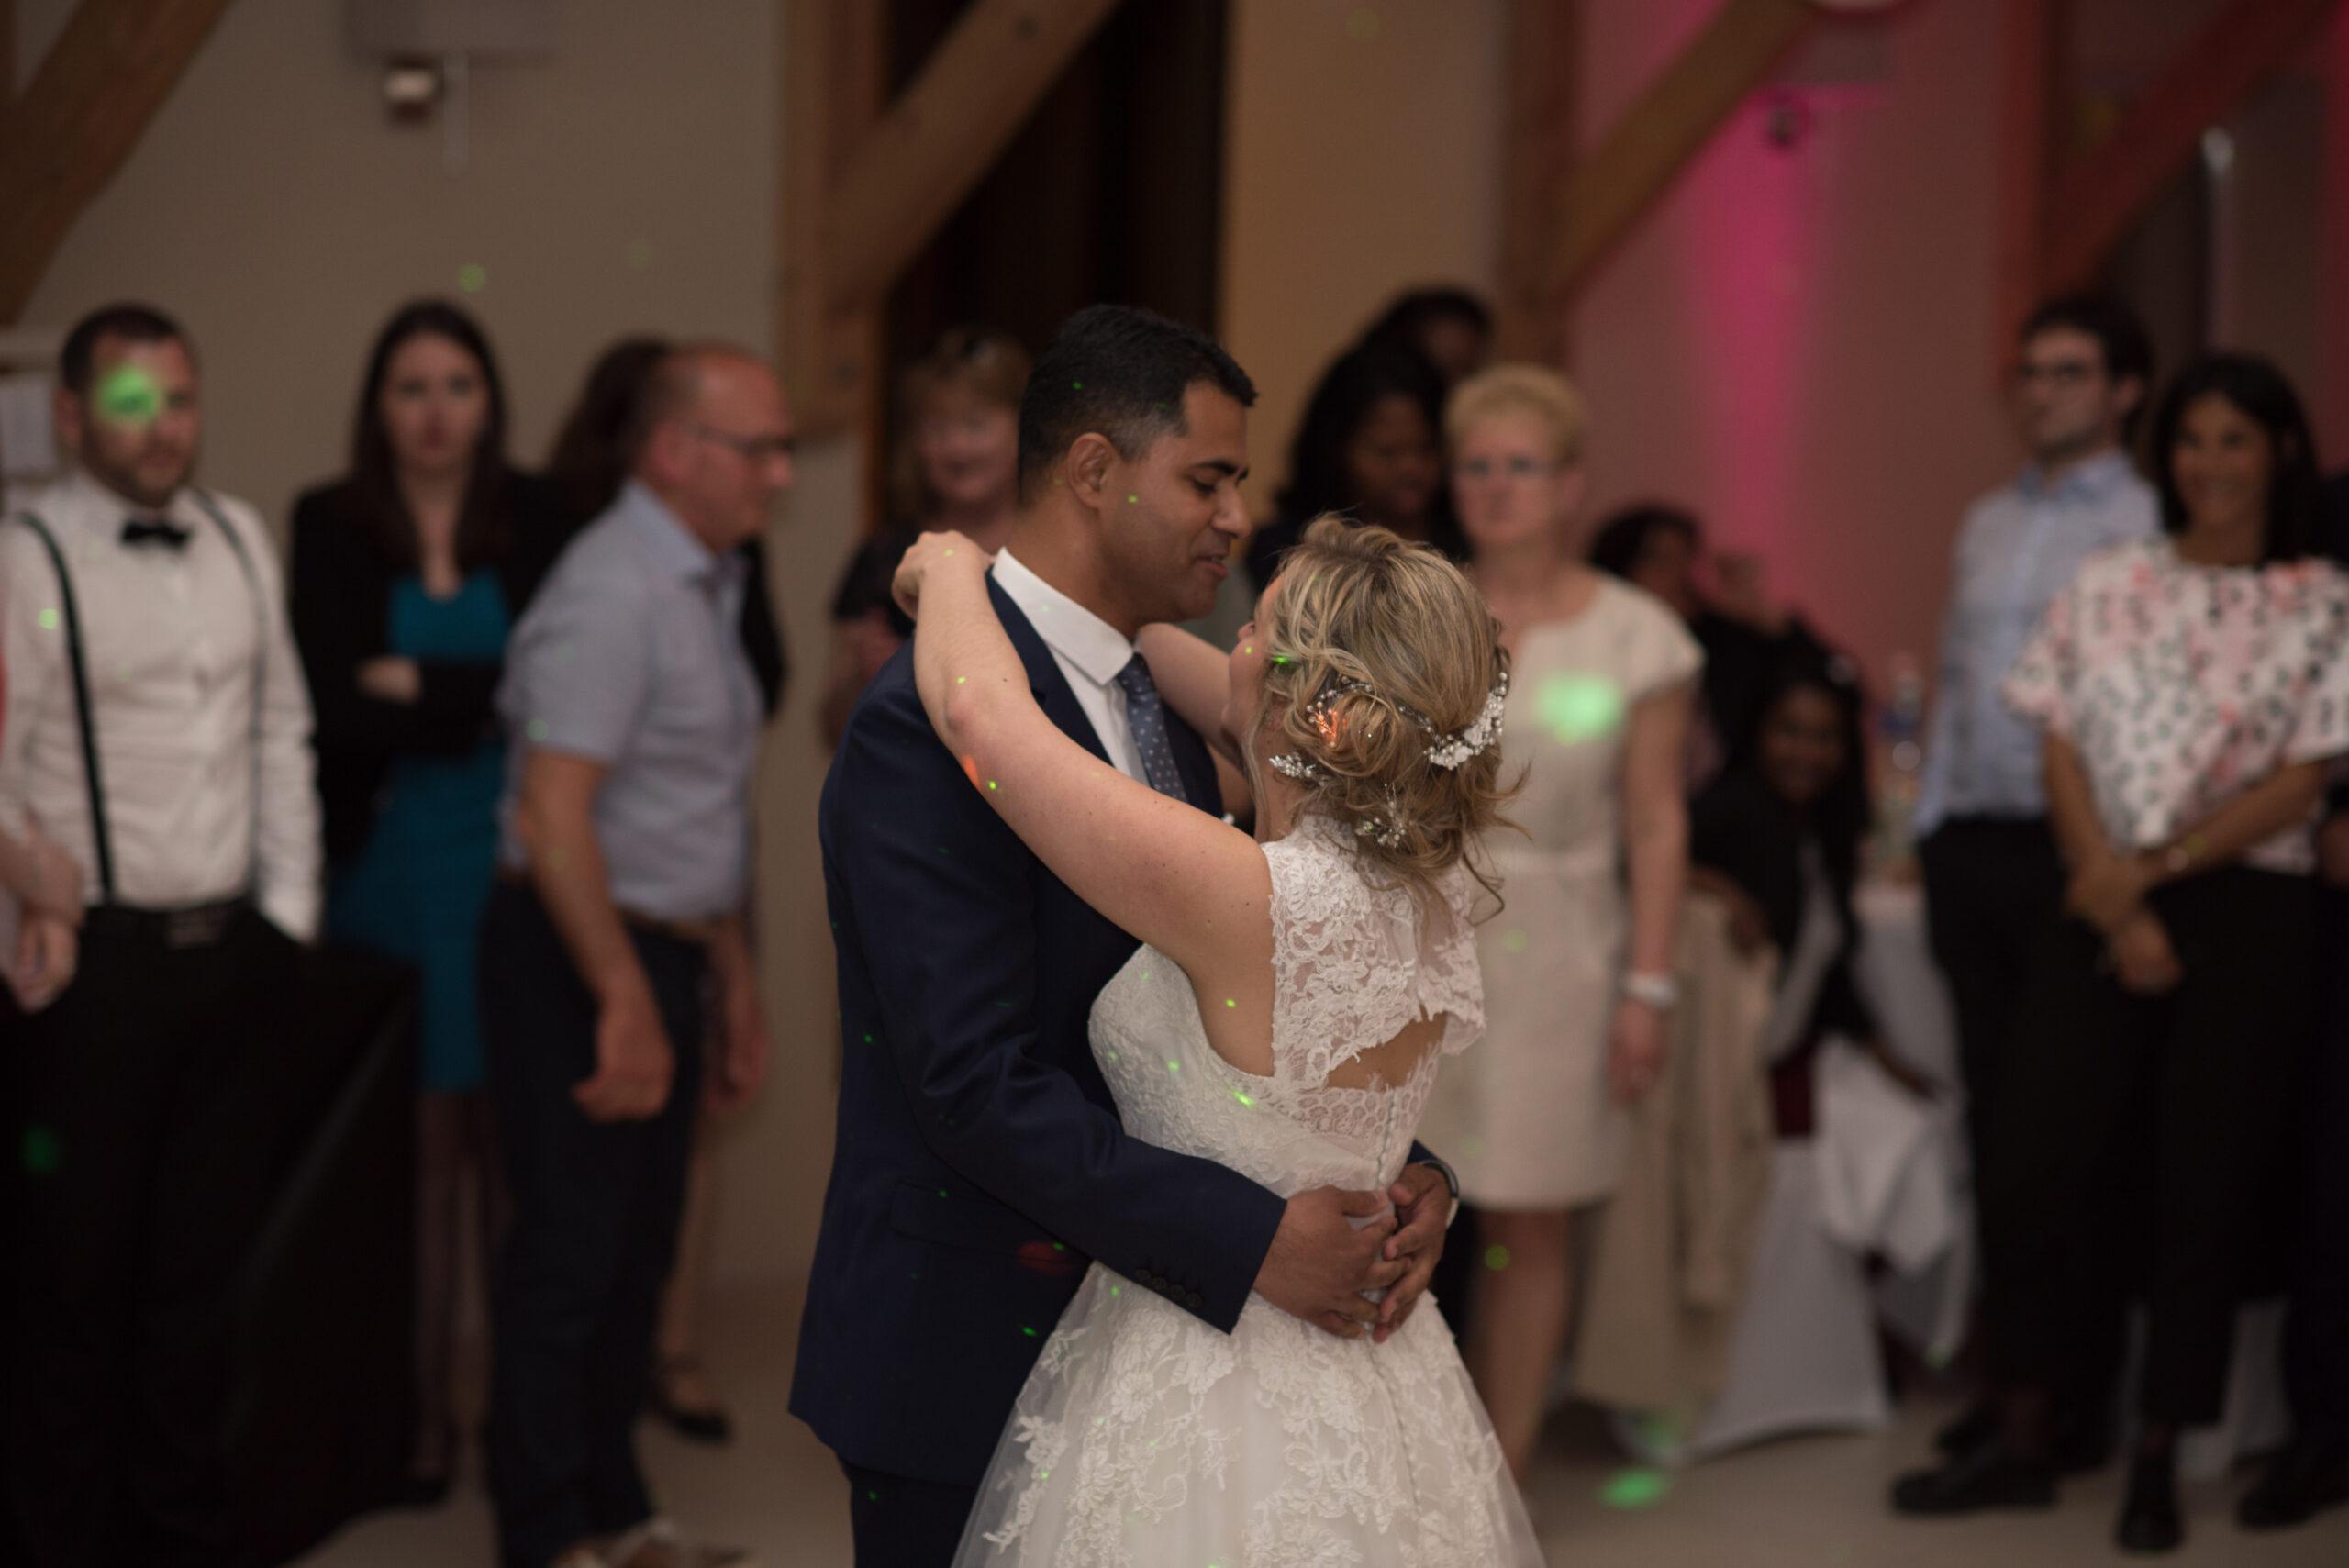 Ouverture de bal par les mariés lors de leur soirée de mariage gérée par Dj Art Song